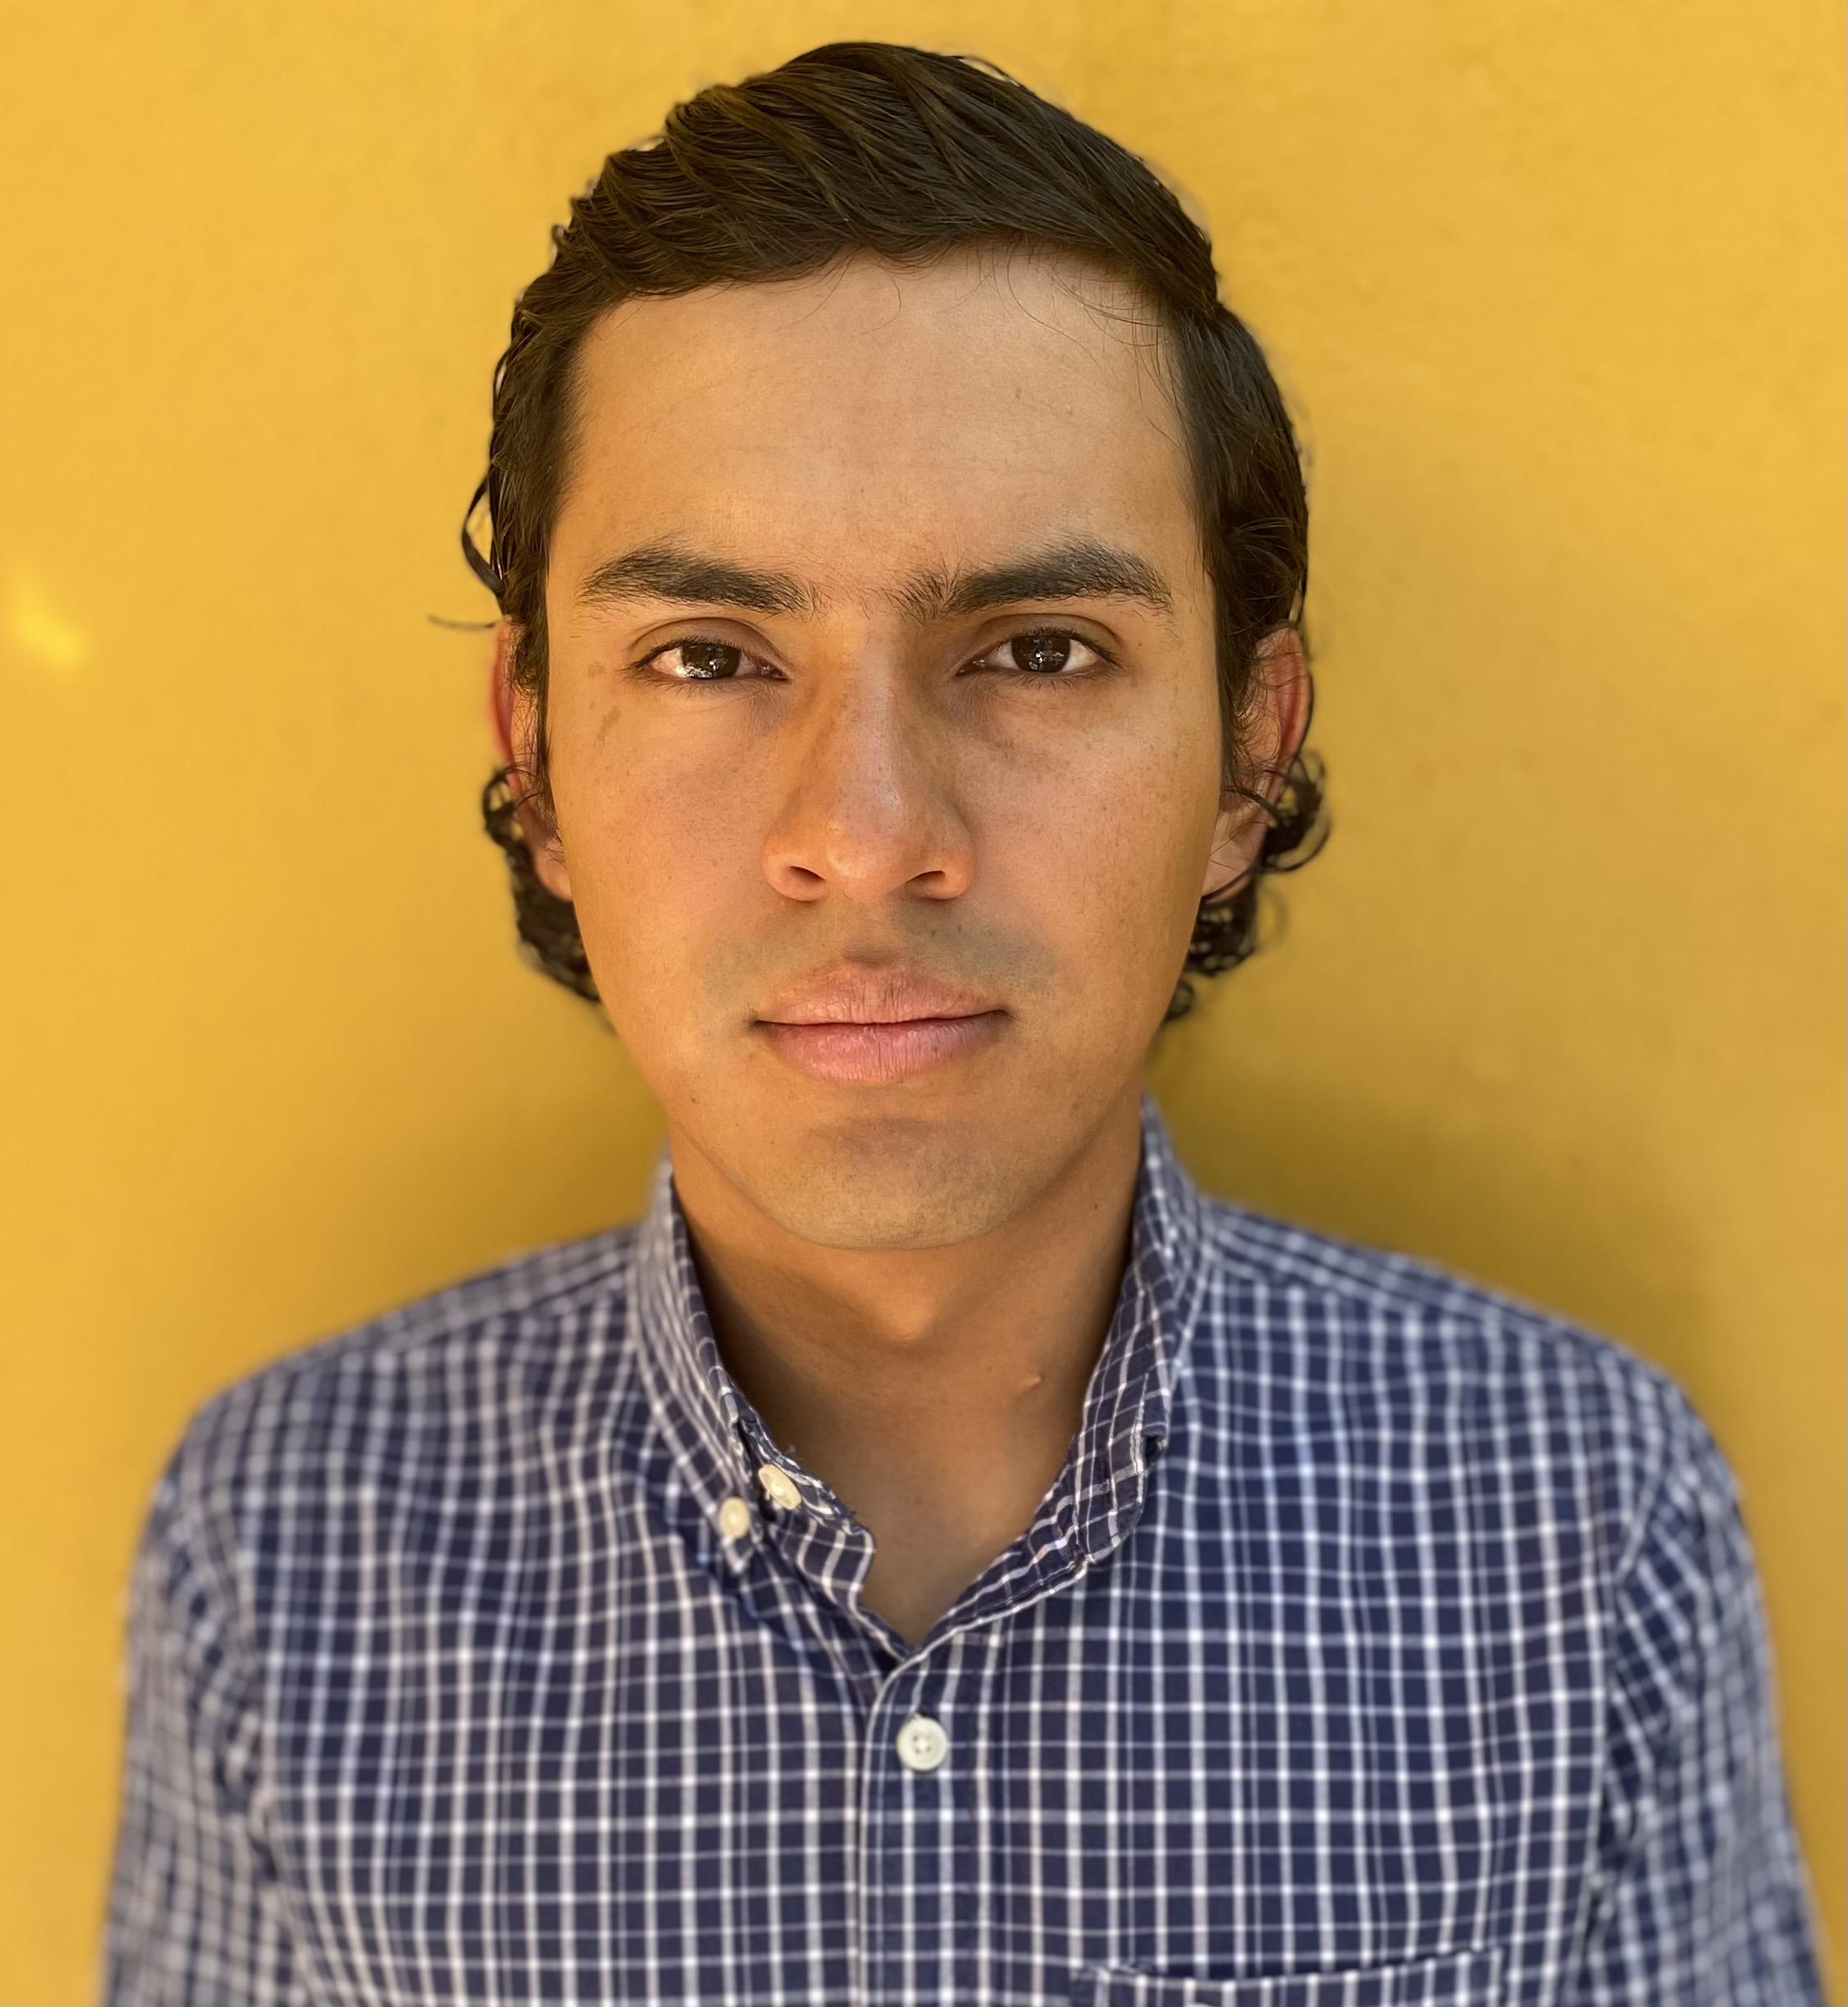 CPEF-T2A1020 Ayam Uriel Cervantes Valadez